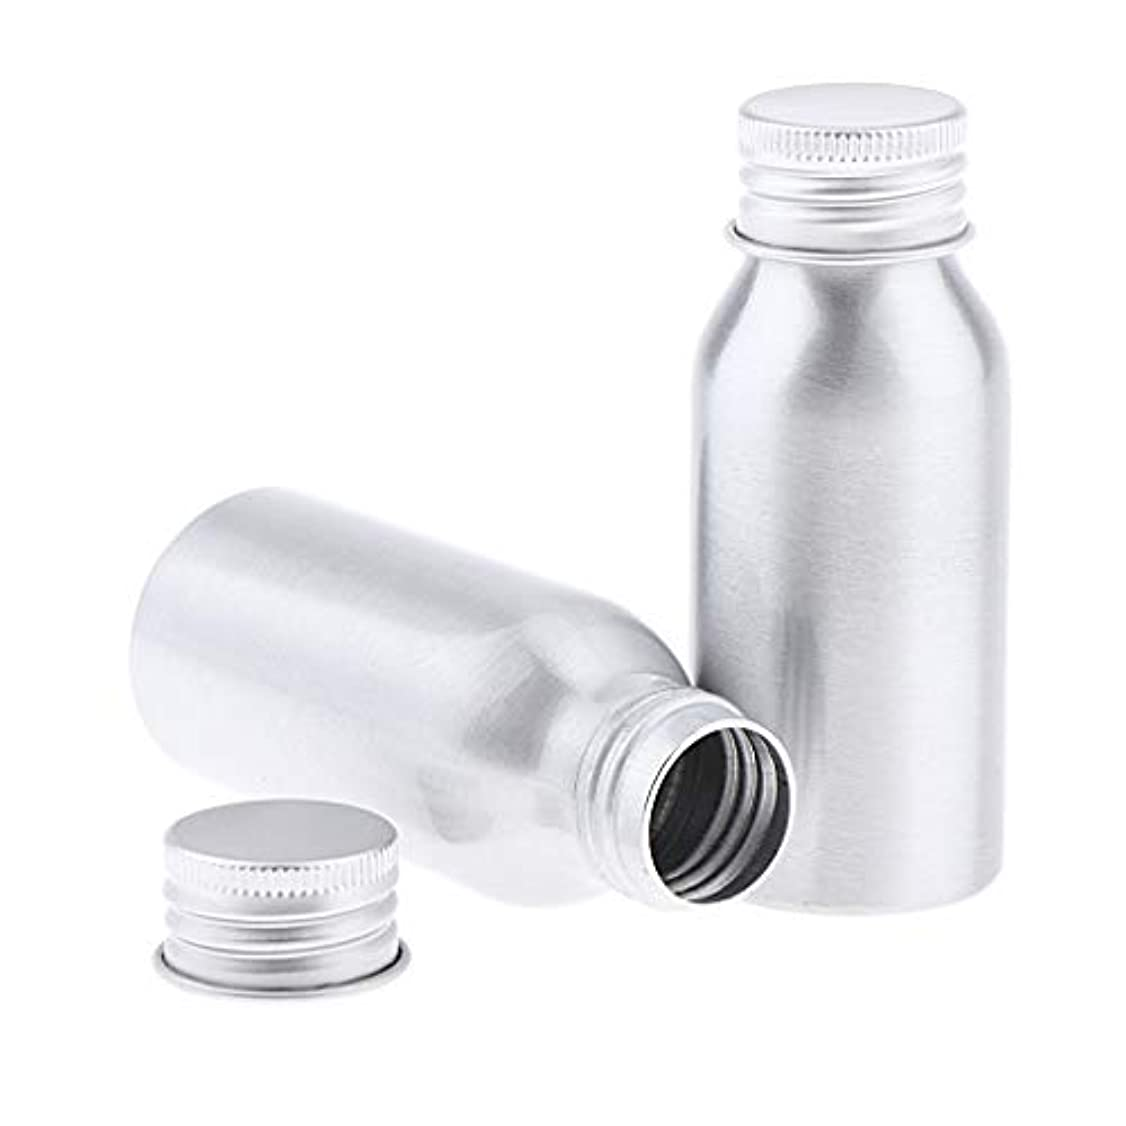 ログ労働者オフェンス2本 アルミボトル シルバー 空ボトル 化粧品収納容器 ディスペンサーボトル 5サイズ選べ - 50ml